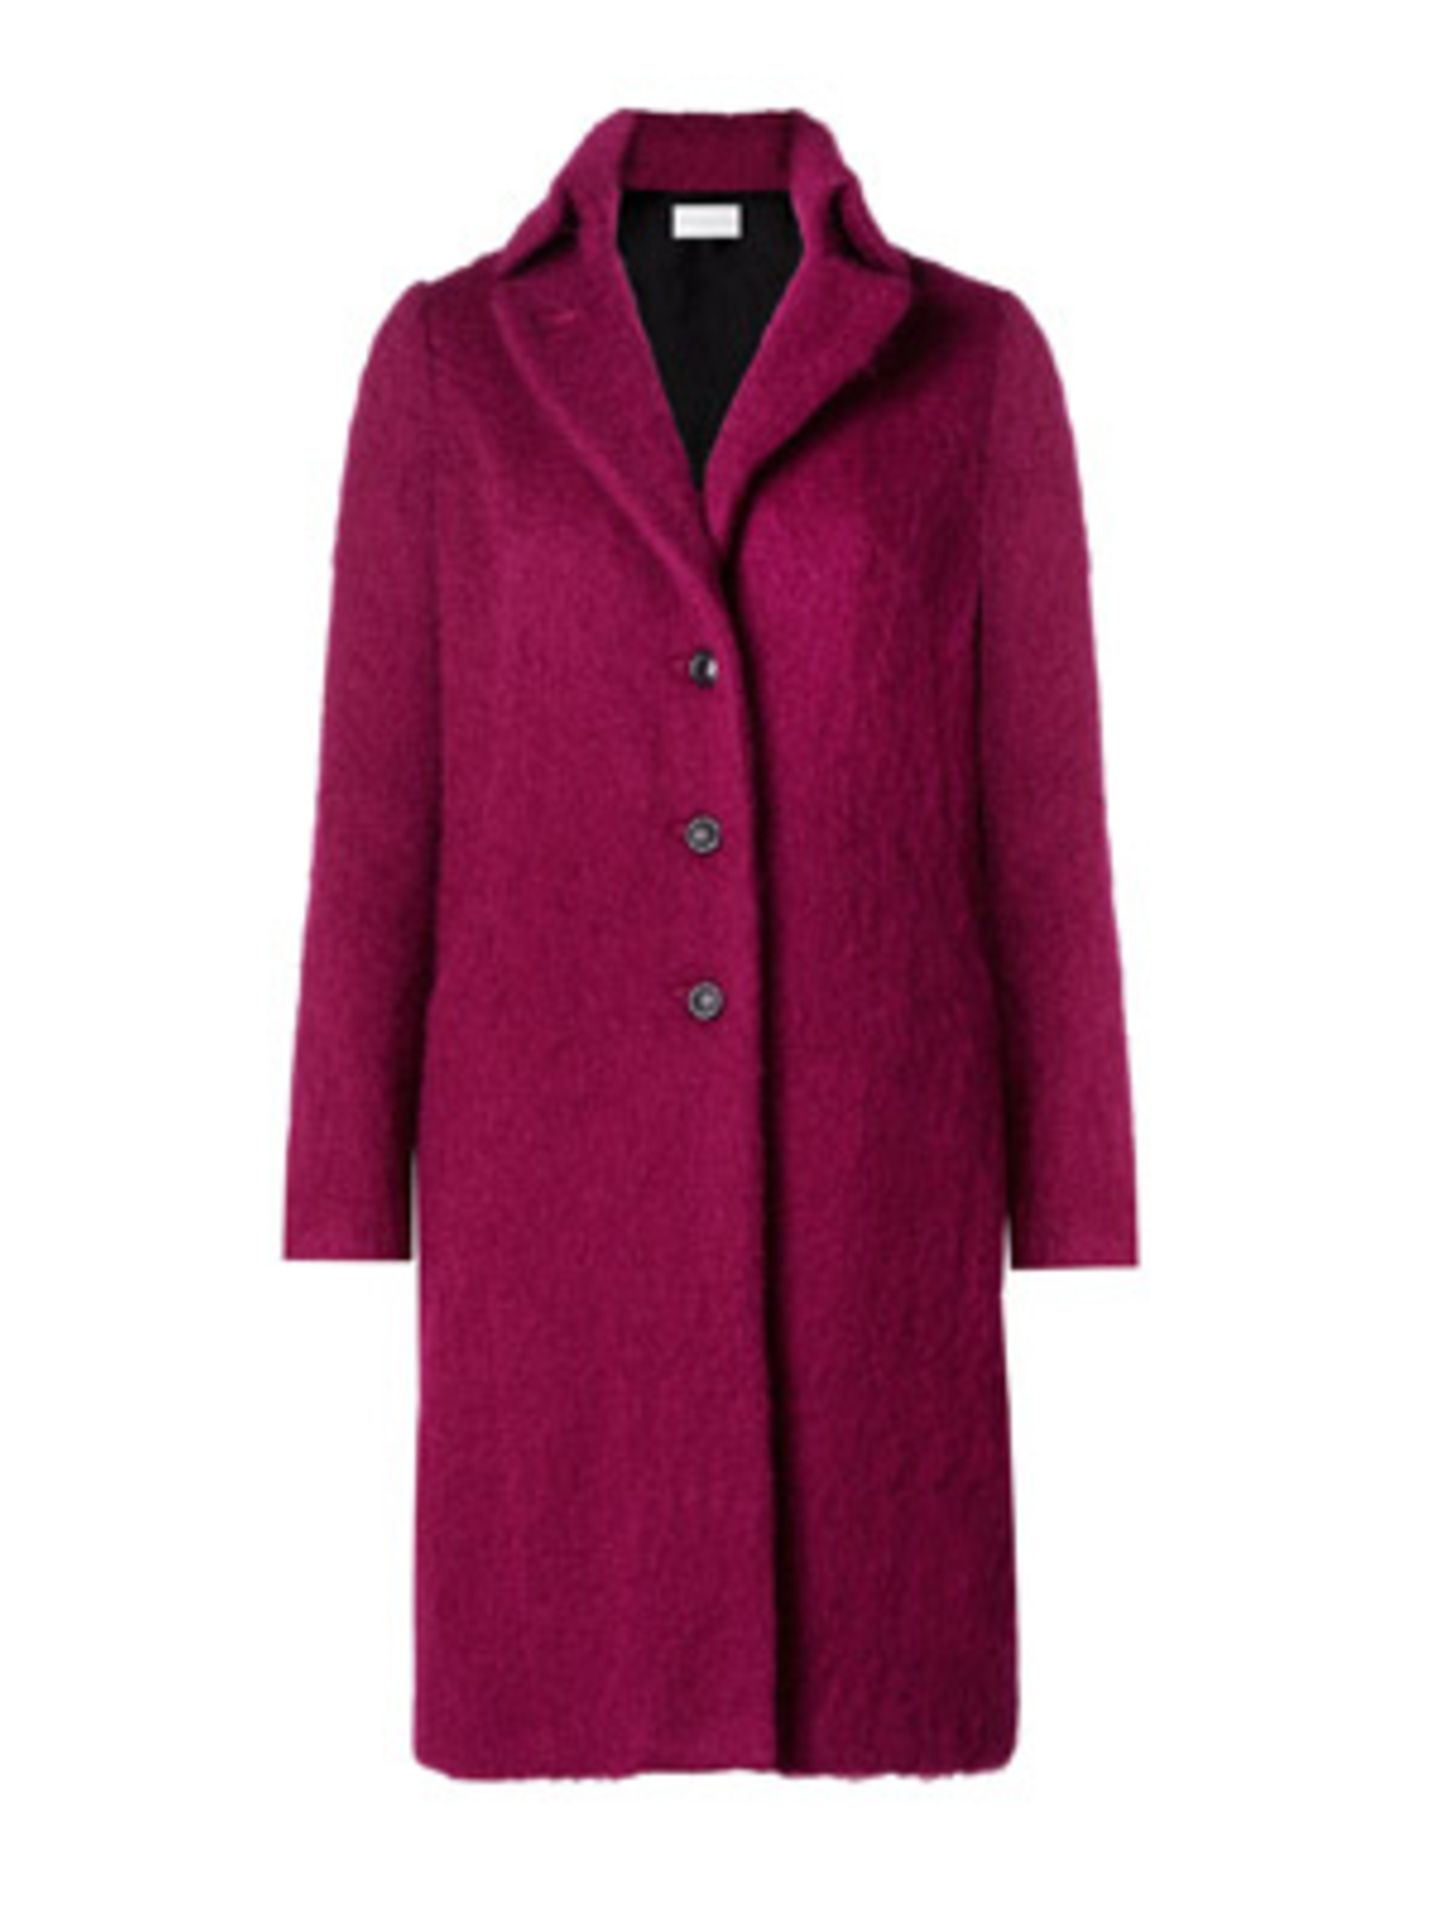 Eleganter, gerade geschnittener Wollfilz-Mantel von Turnover in Himbeer-Ton, um 300 Euro.